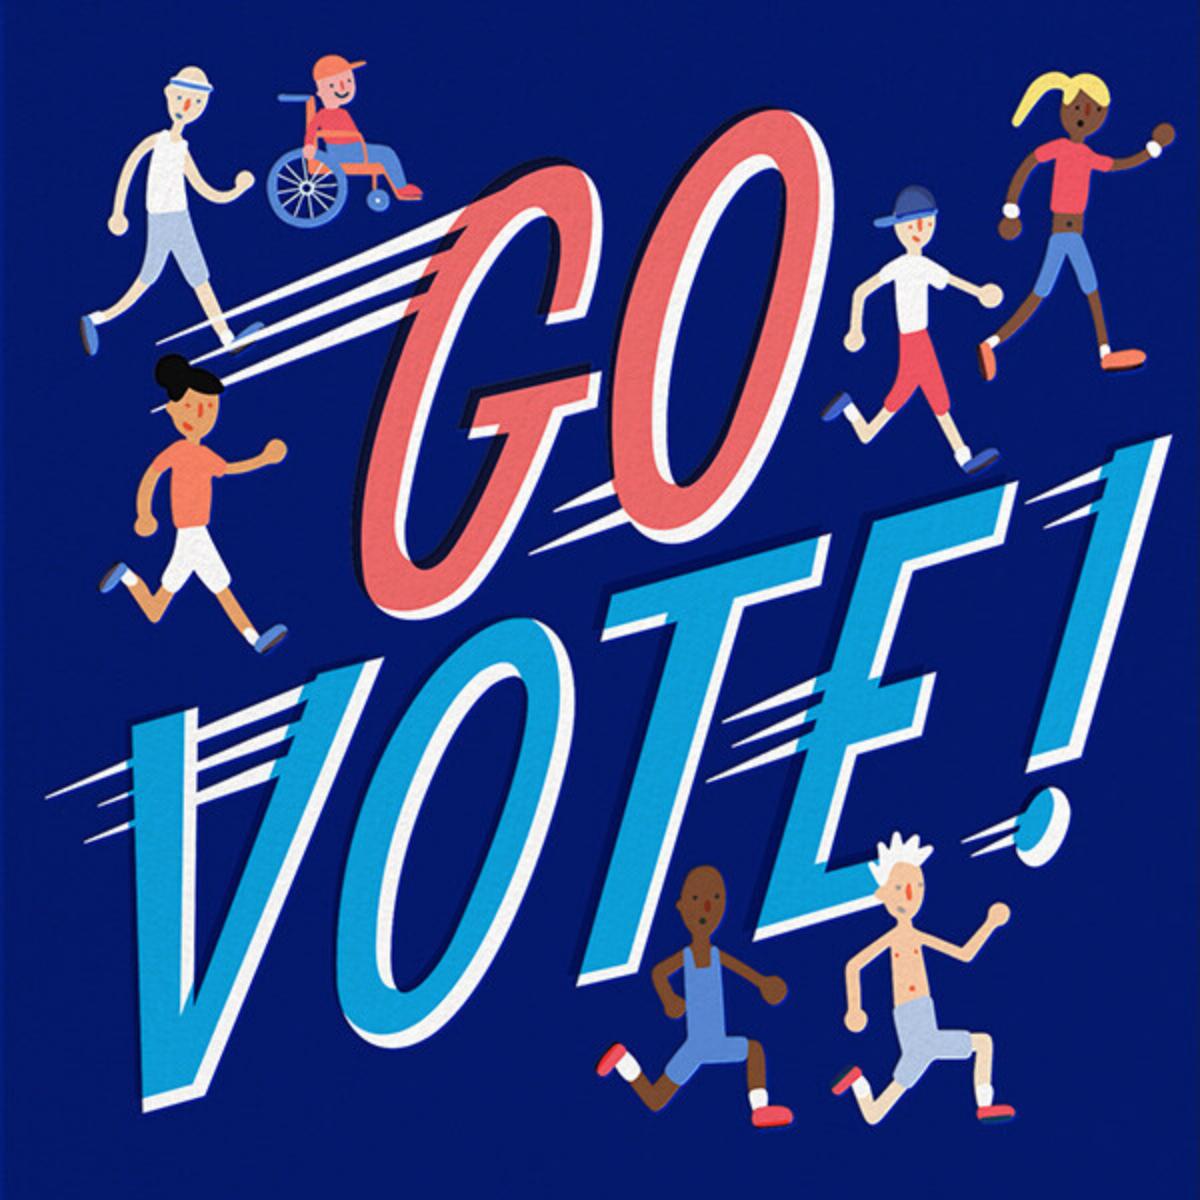 Go Vote - Hello!Lucky - Political action